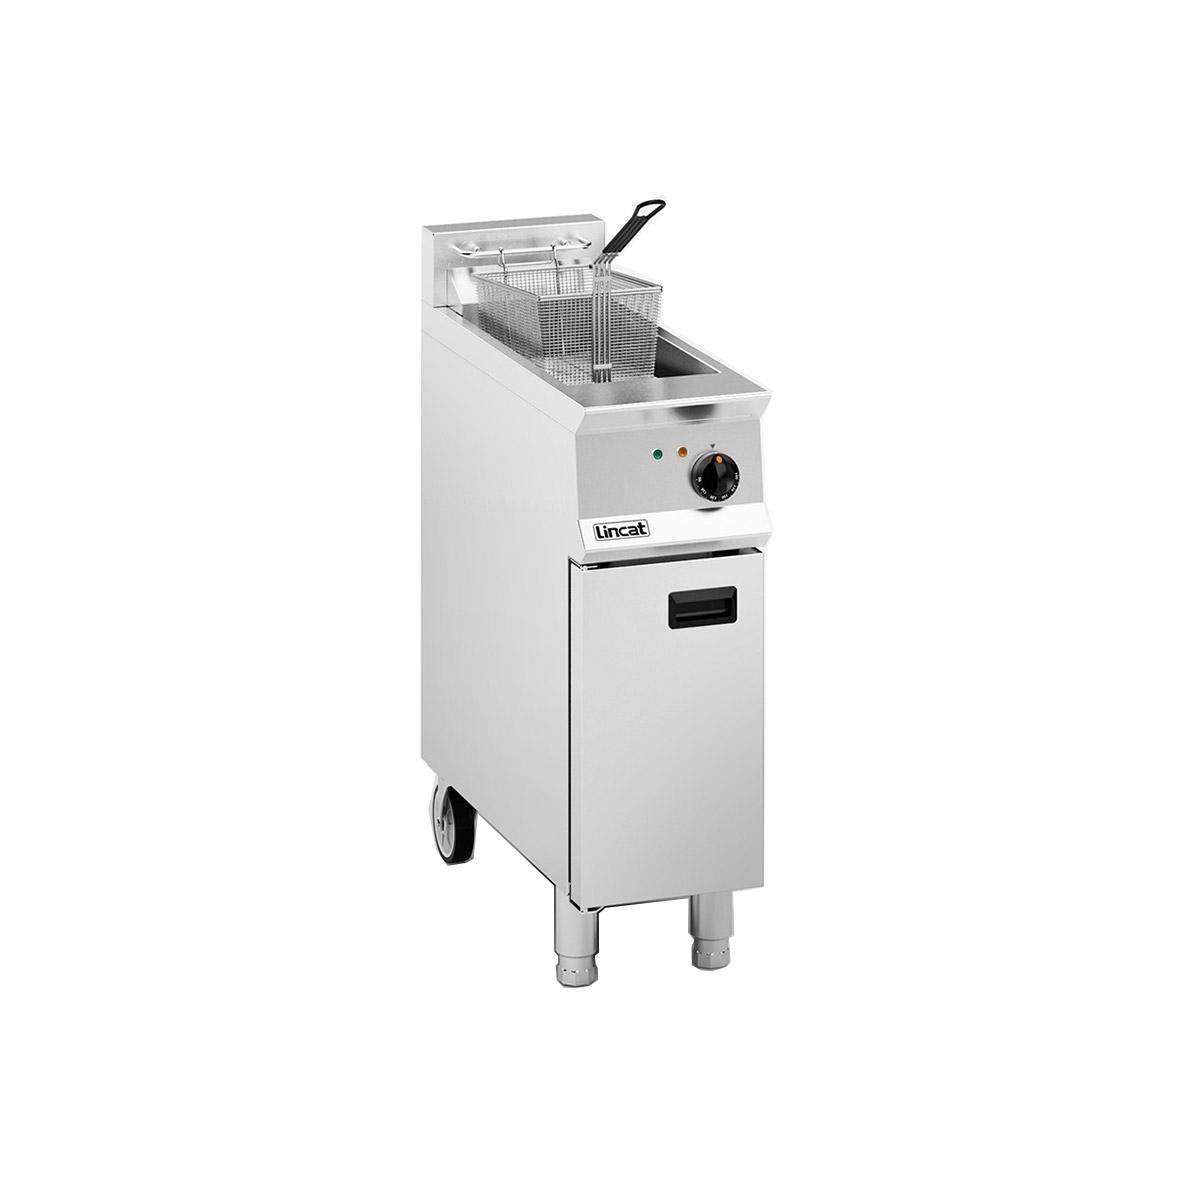 Lincat Opus 800 Electric Fryer Model: OE8112